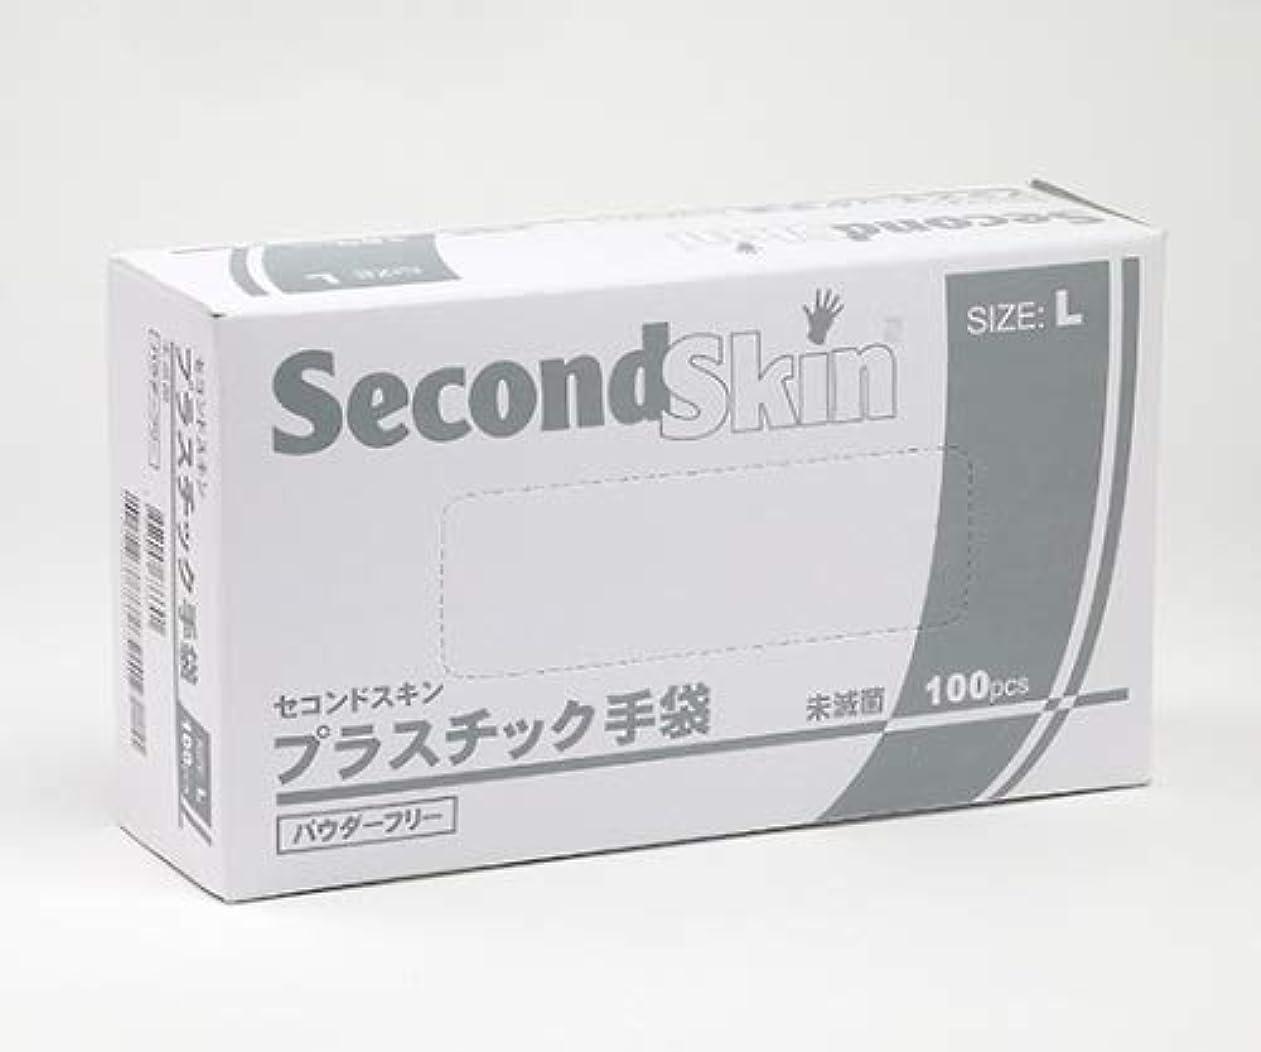 ムスタチオ安心させる接続された1209D セコンドスキン プラスチック手袋 パウダーフリー 100枚入 Lサイズ